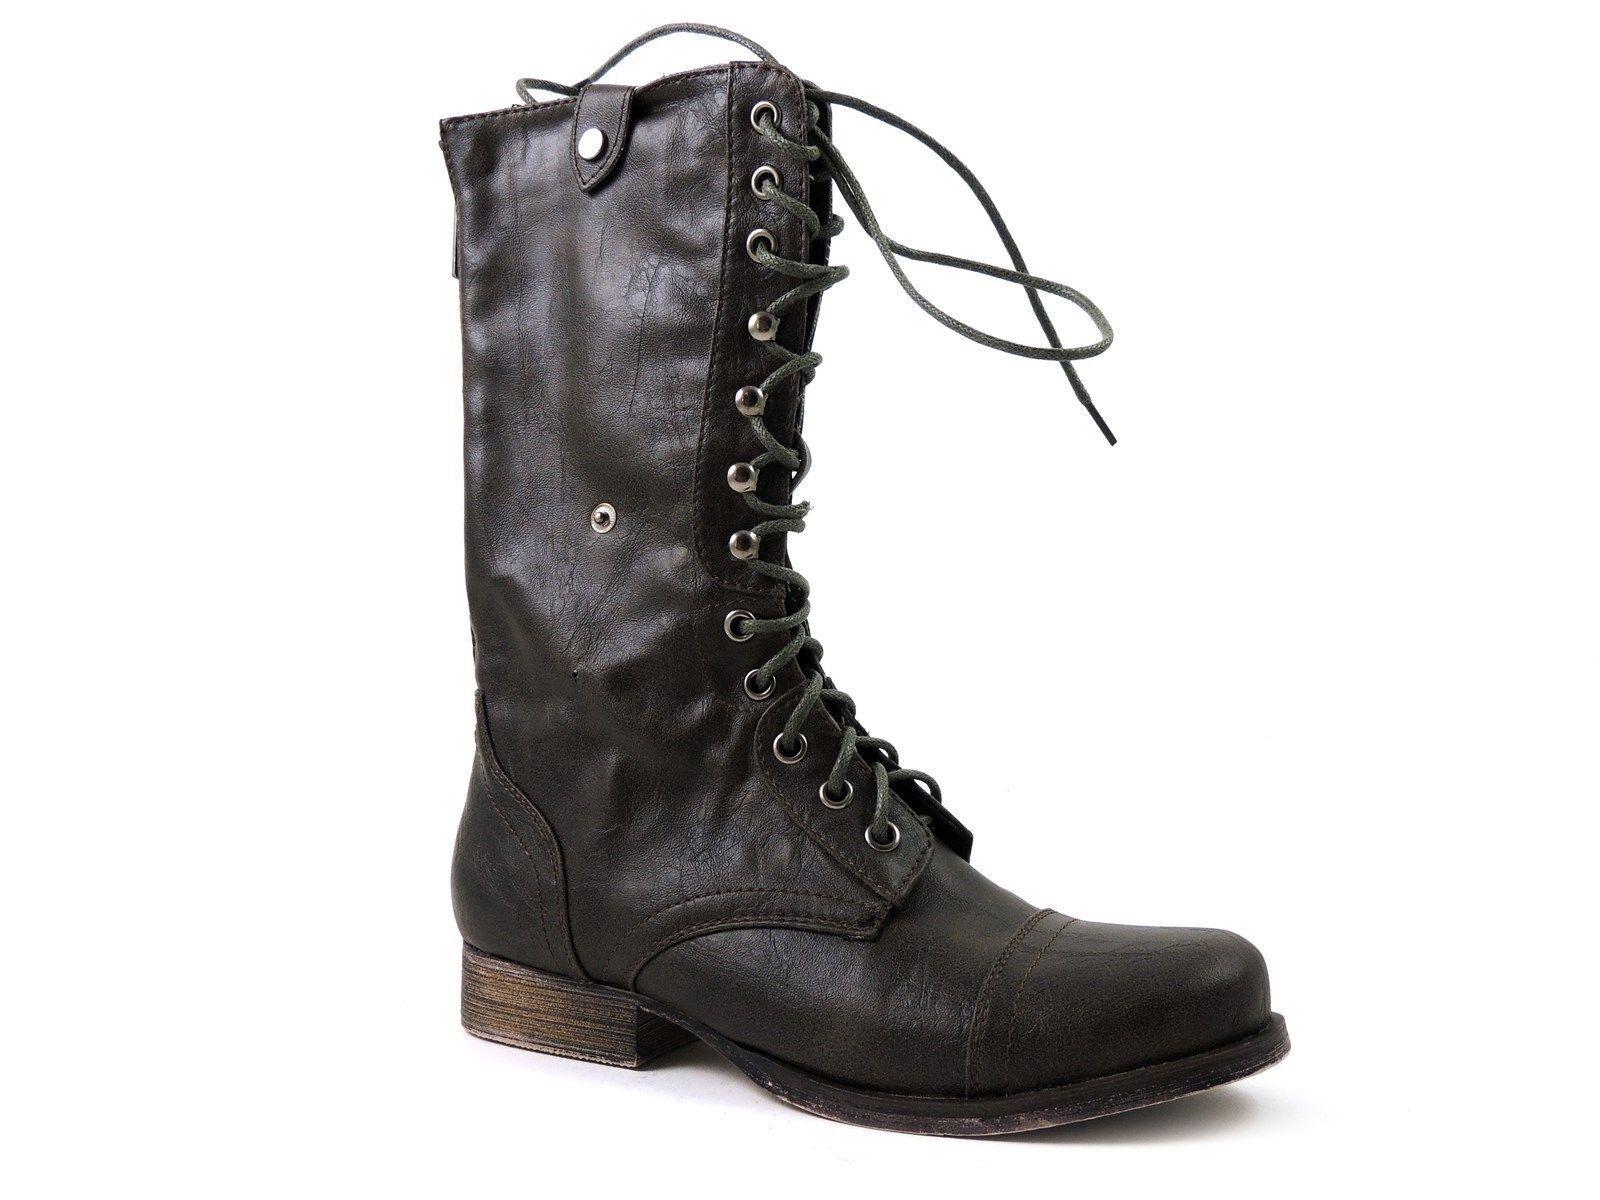 Madden Girl Women's Geirard Mid-Calf Boots Brown Paris Size 6 M